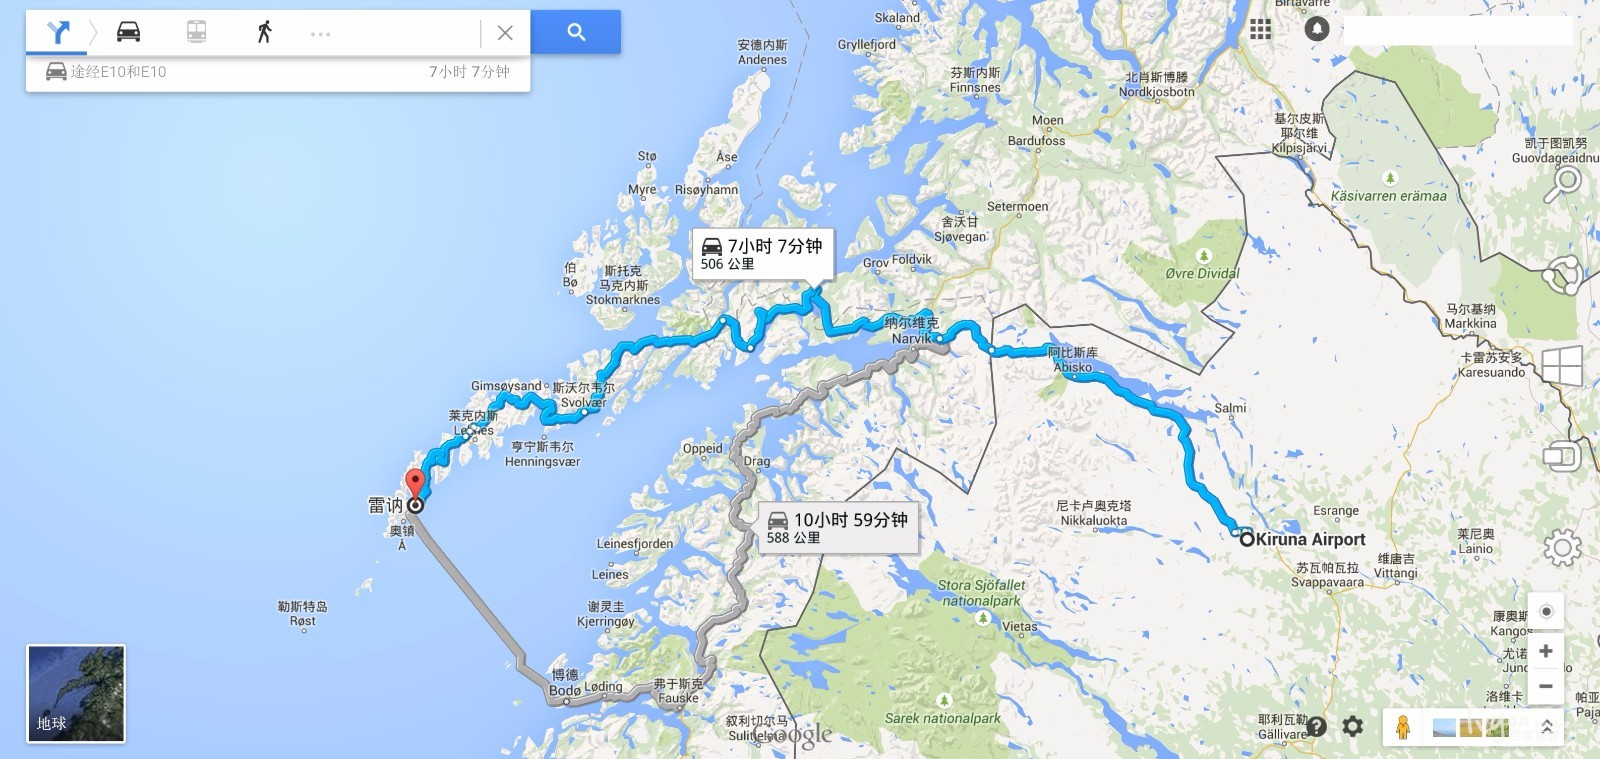 驰骋挪威路 筑梦罗弗敦 纯净心灵之旅_挪威罗弗敦群岛